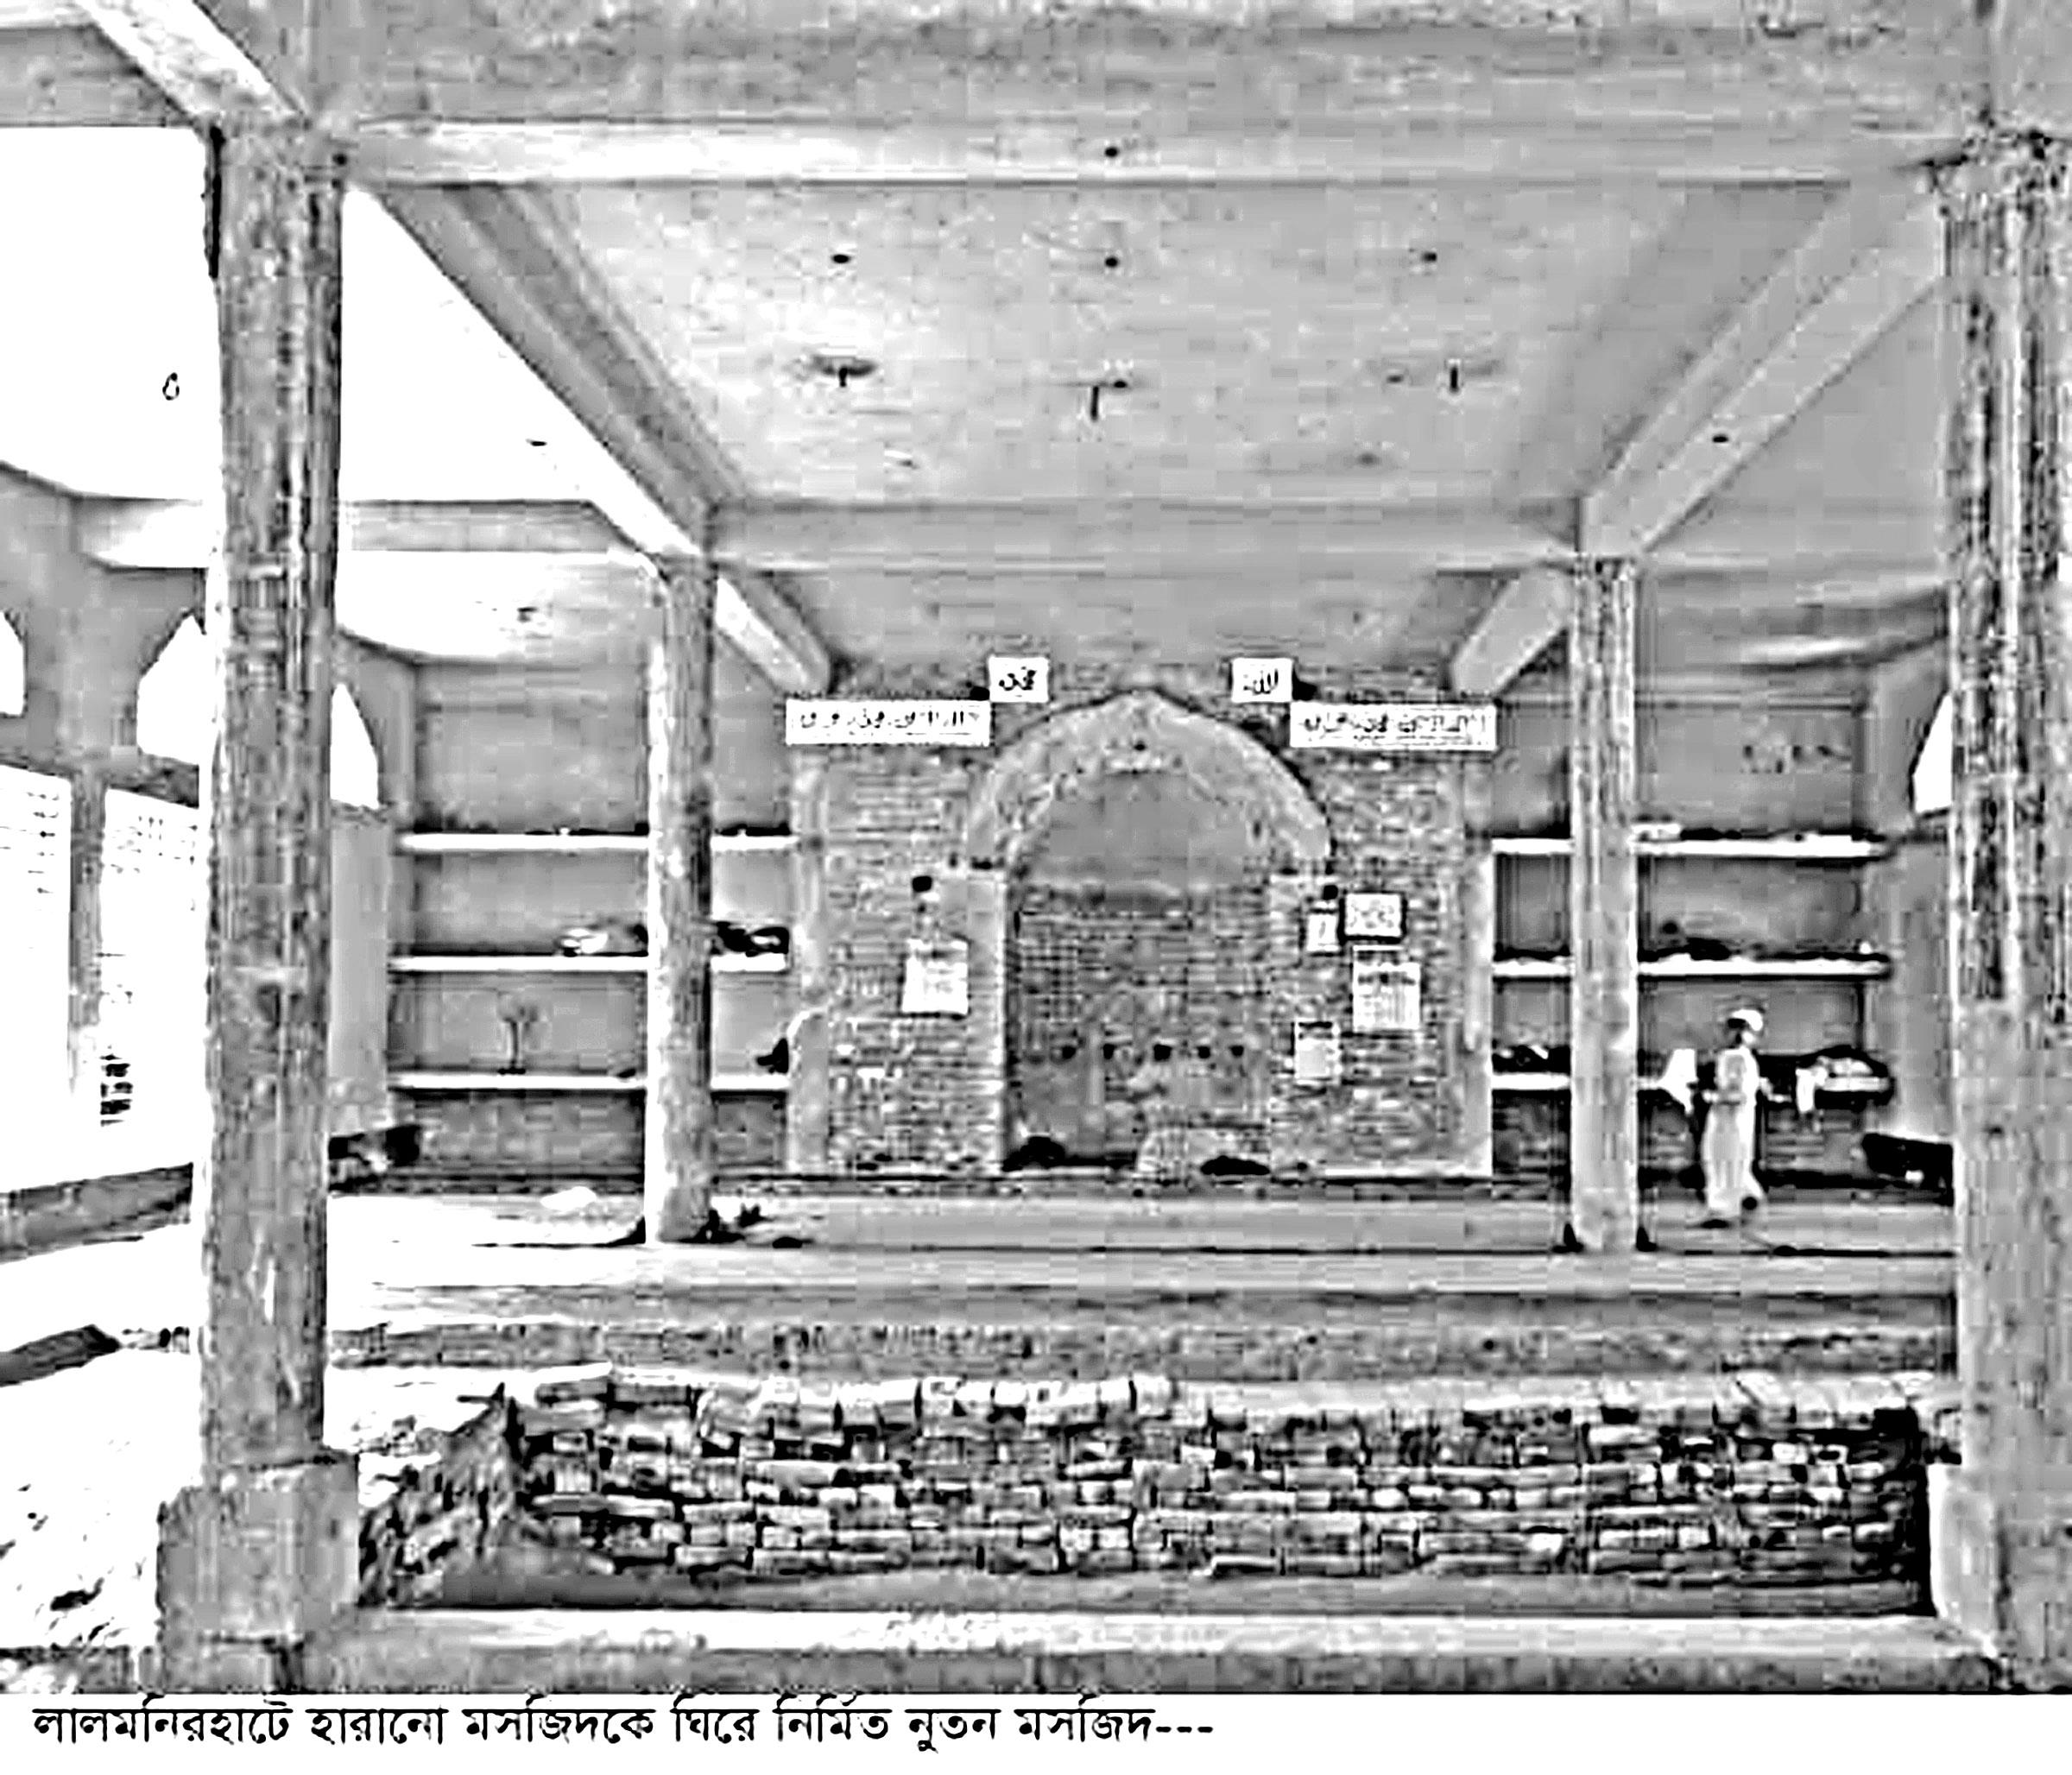 এশিয়ার প্রথম মসজিদ সাহাবায়ে কেরাম